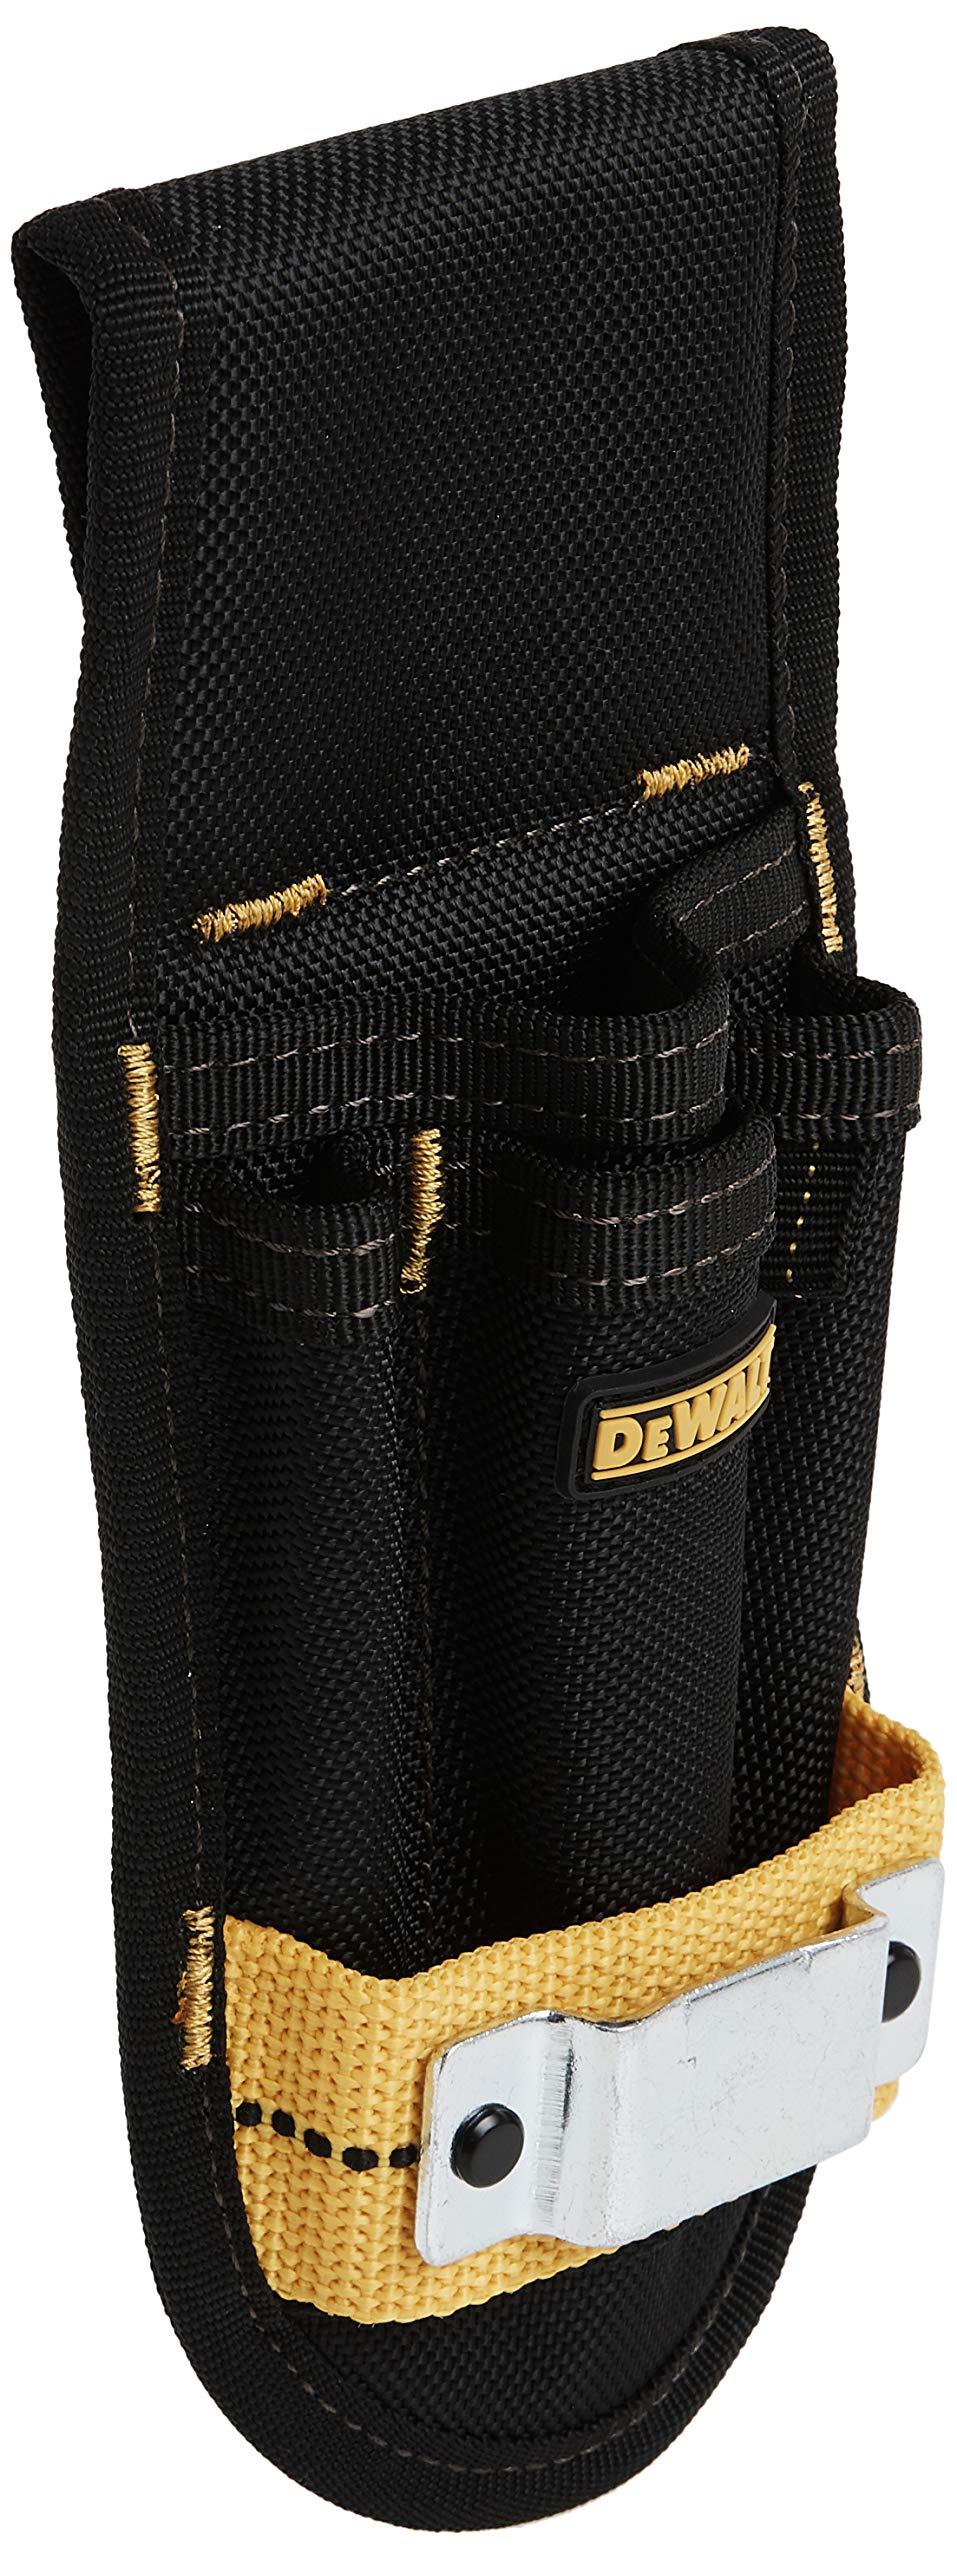 DEWALT DG5173 Heavy-duty Construction Tool Holder, 4 Pocket